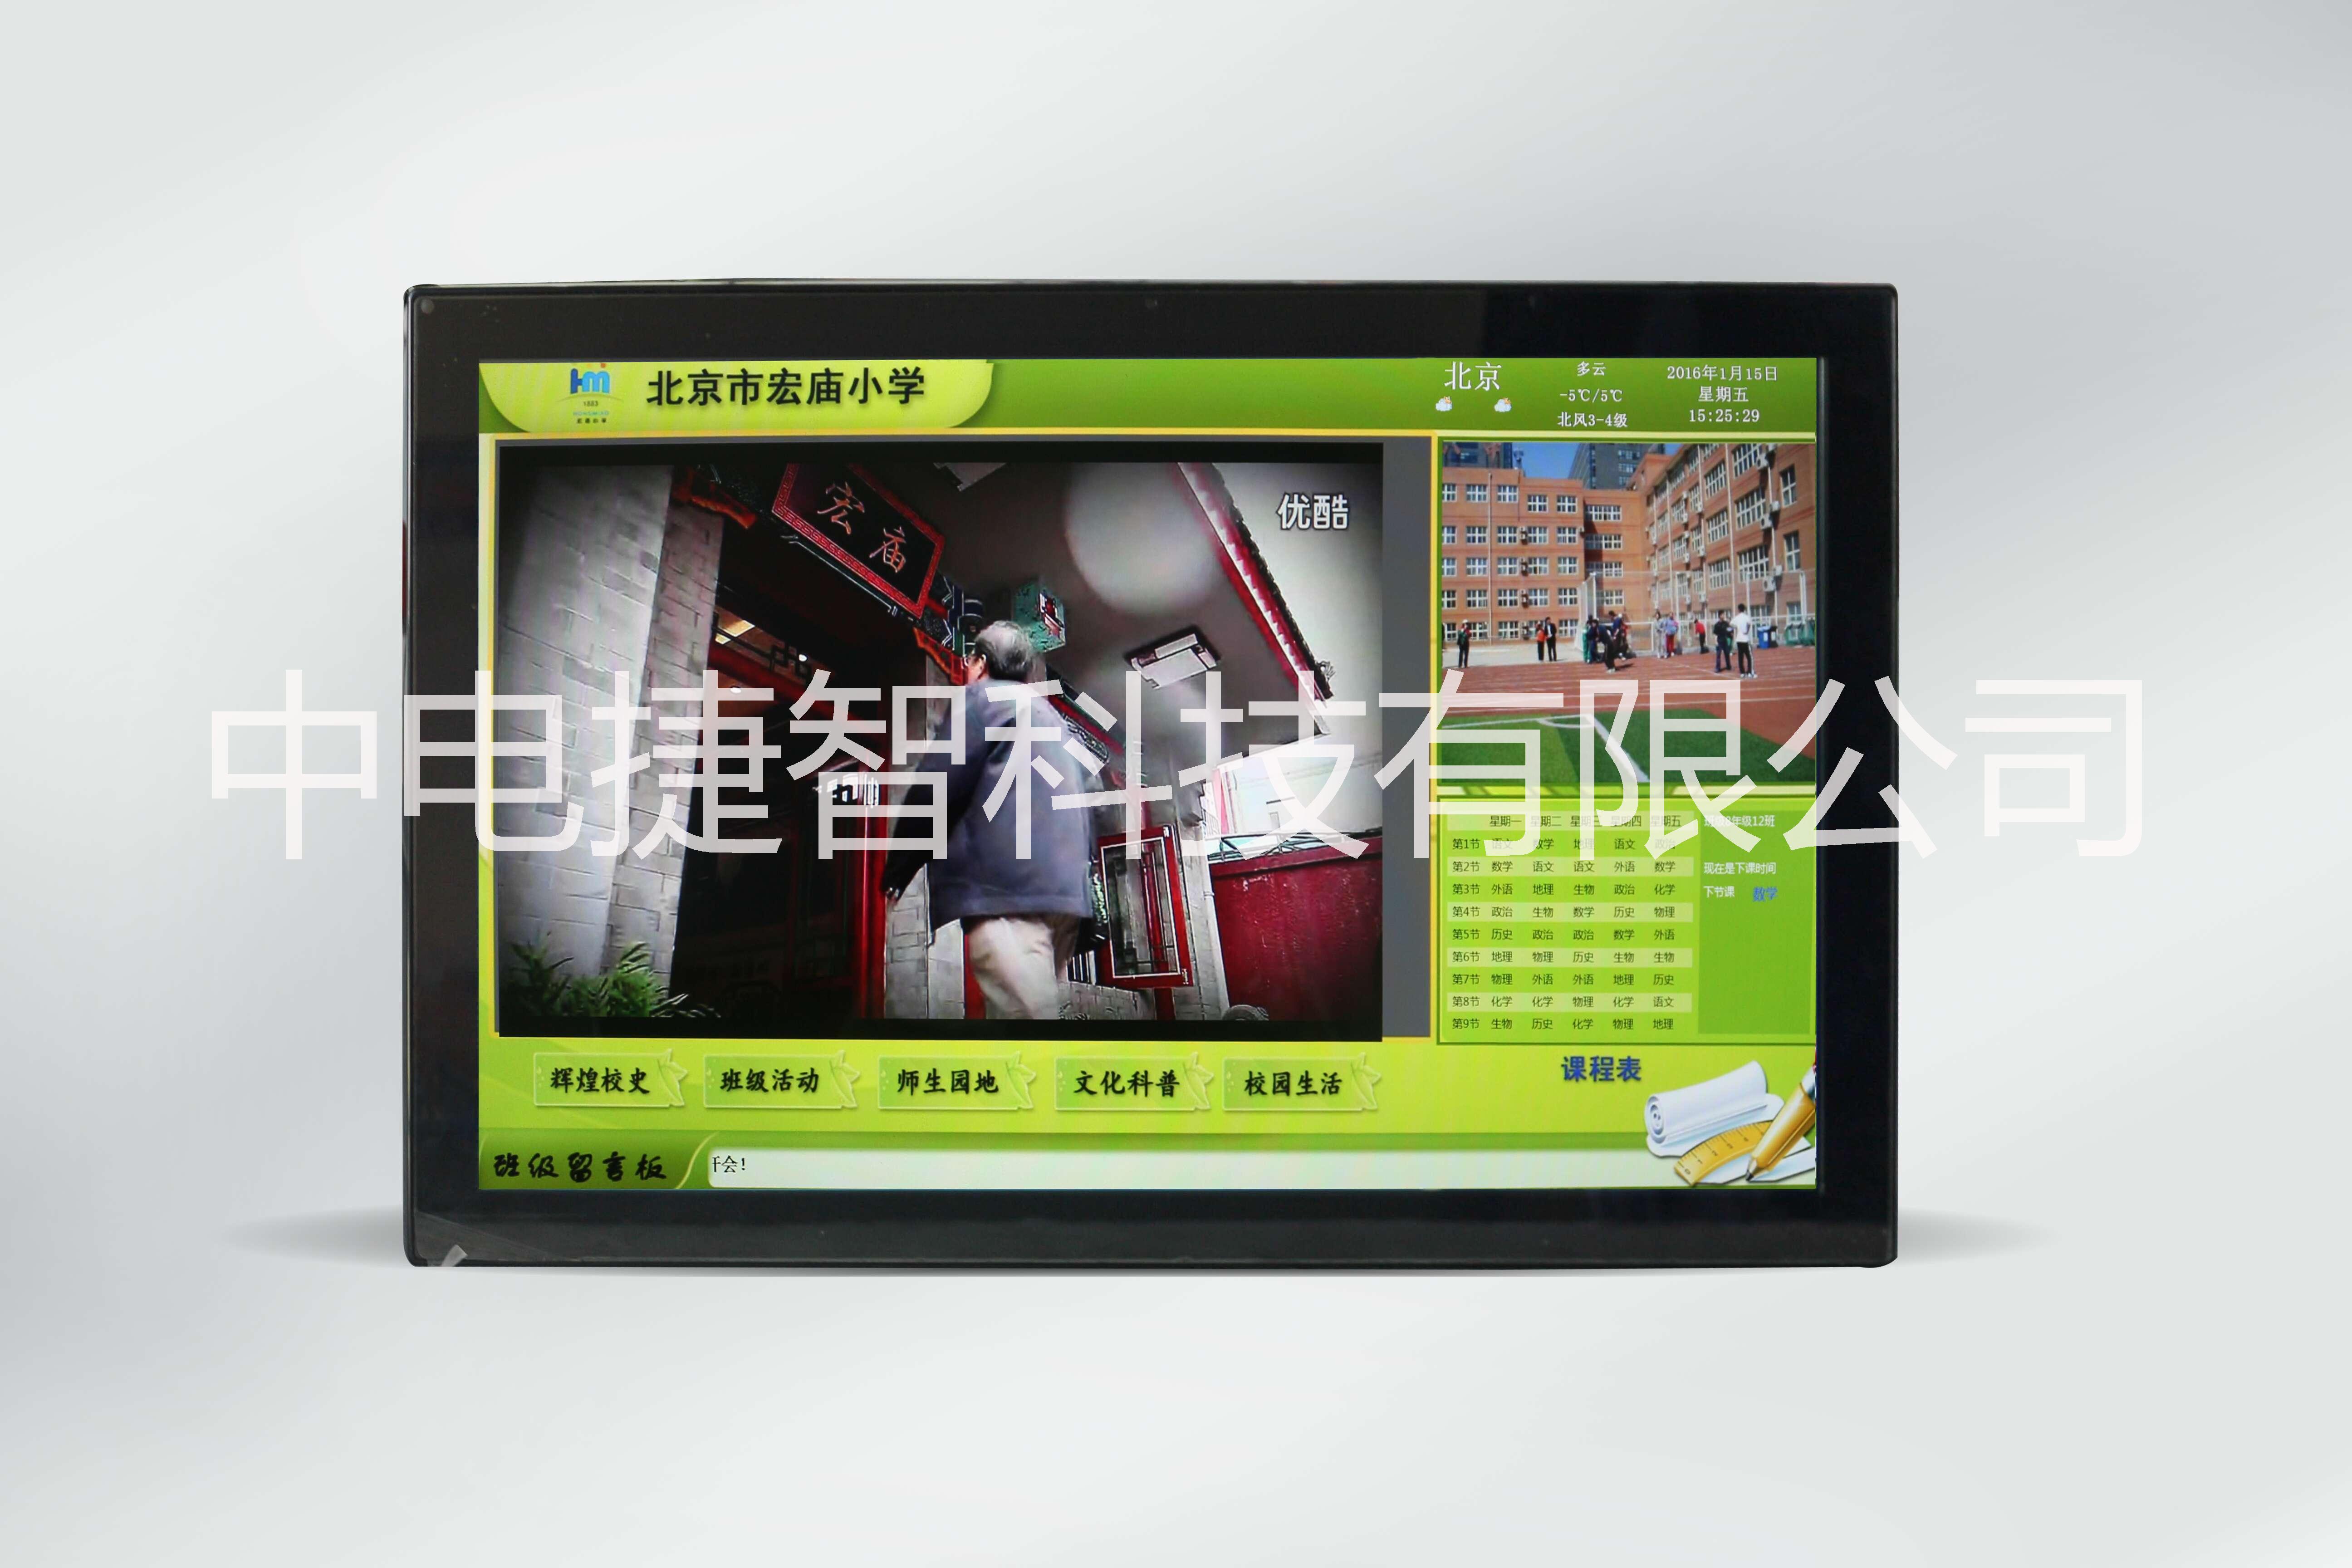 供应用于校园的电子班牌 CEJZ22寸教育班牌